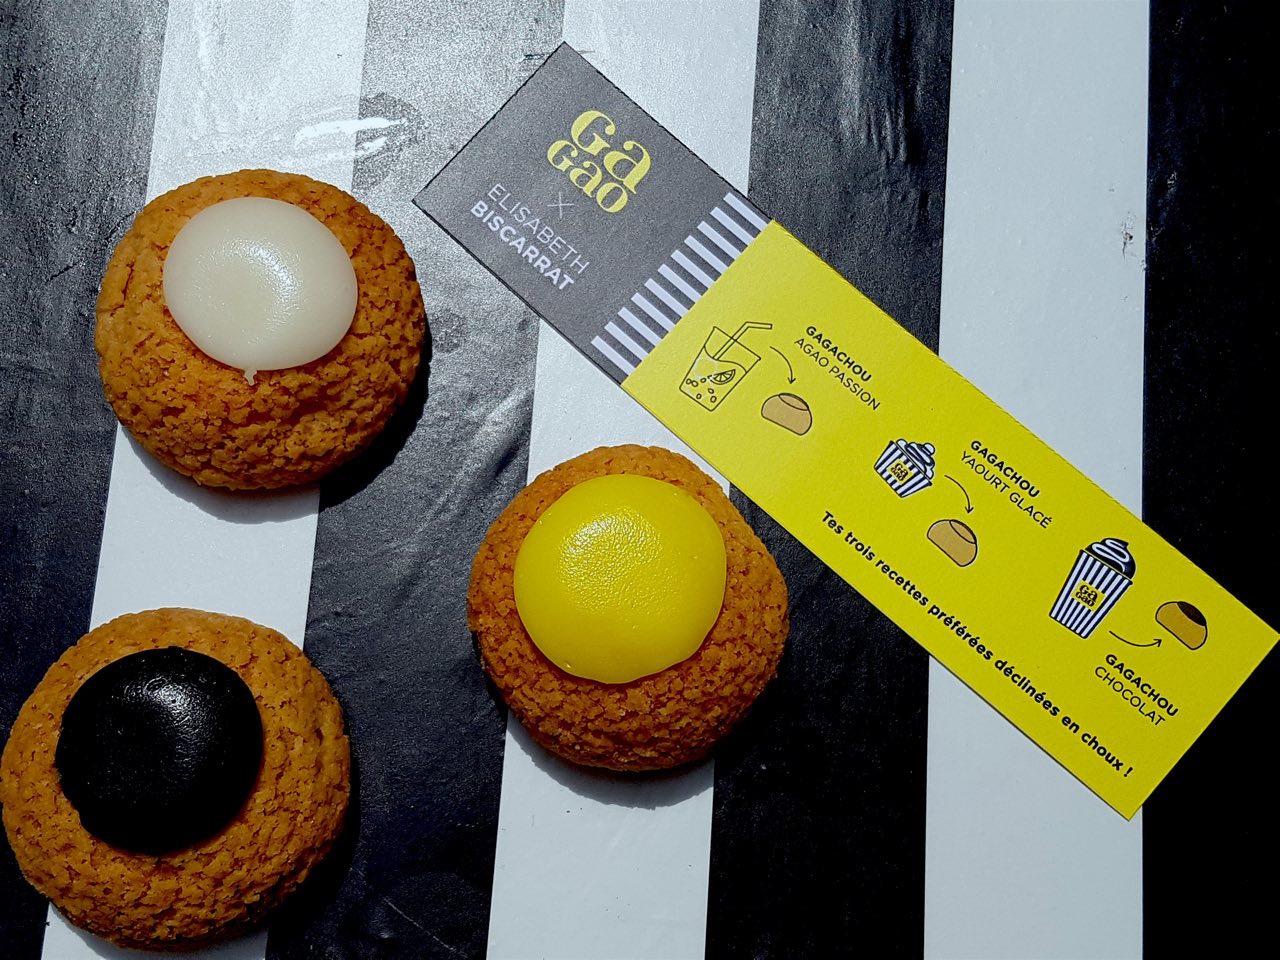 Gagachou-macarons-et-inspirations-strasbourg-gagao